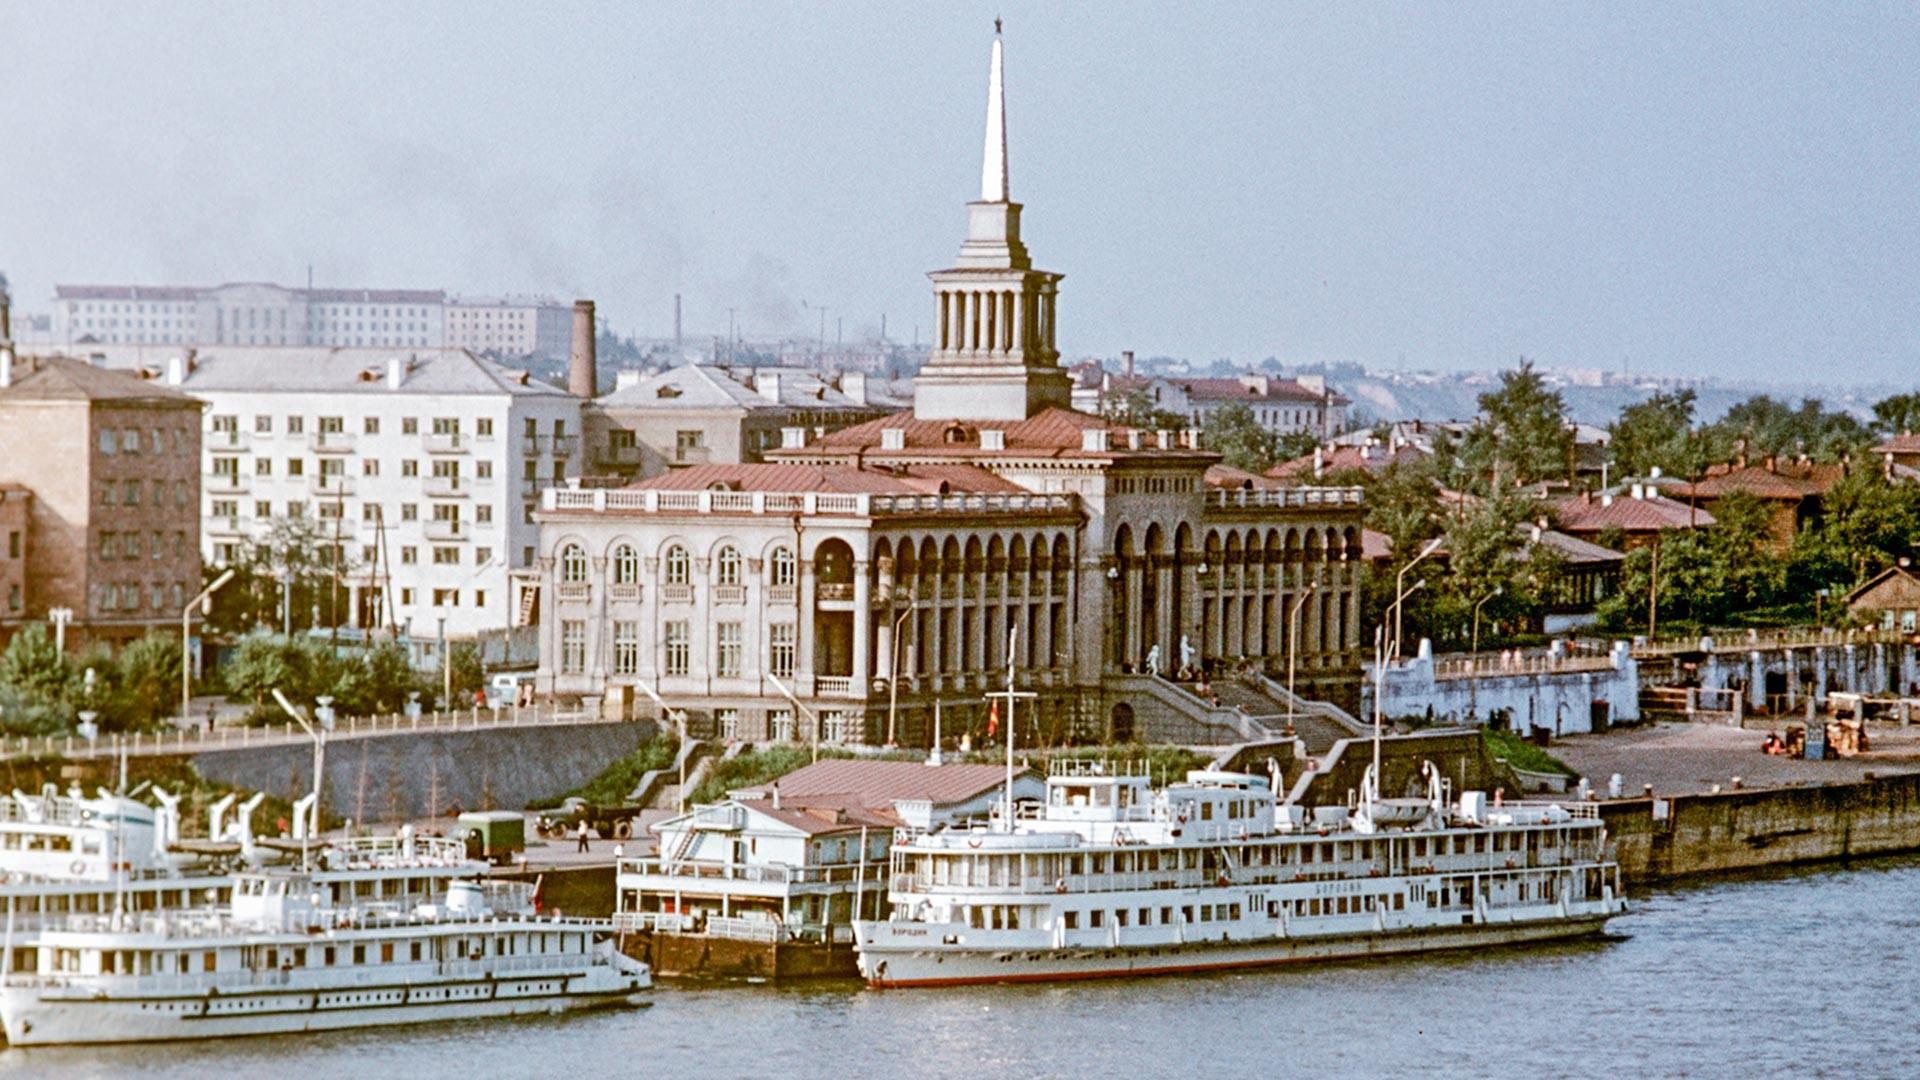 Краснојарска речна лука. Здање речног терминала саграђено је 1952. године по пројекту архитекте Александра Голубјева.